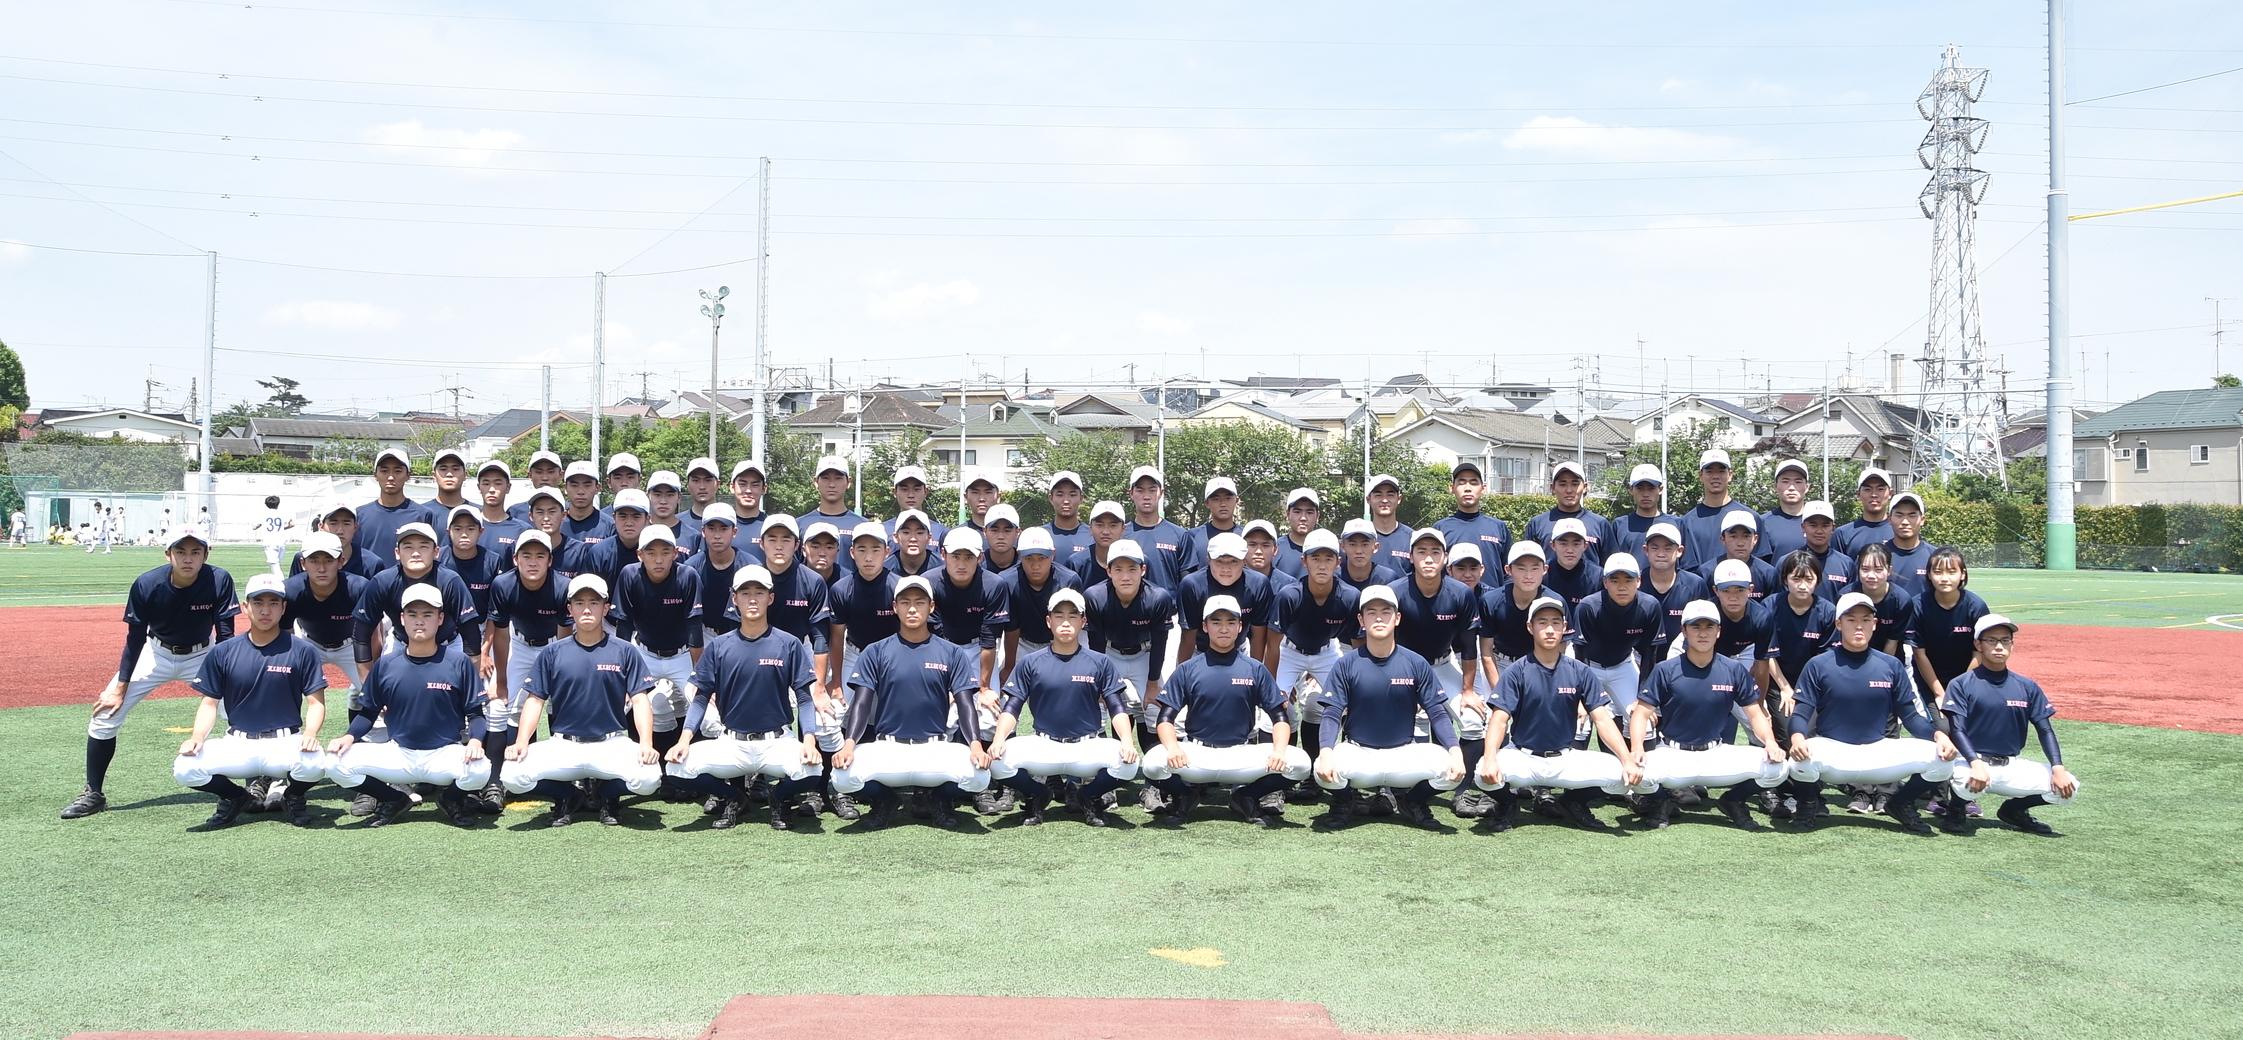 【日大鶴ヶ丘 野球部】「夏本領発揮」 #日大鶴ヶ丘